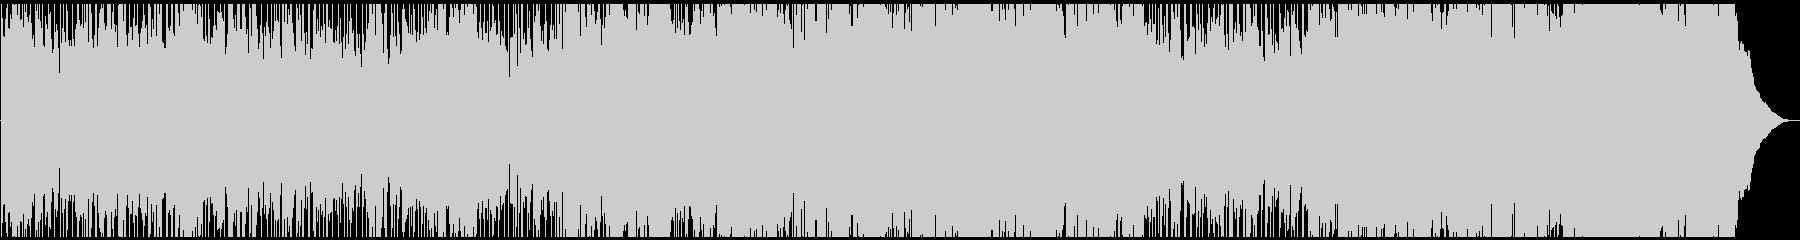 少し切なげなカントリーロックバラードの未再生の波形